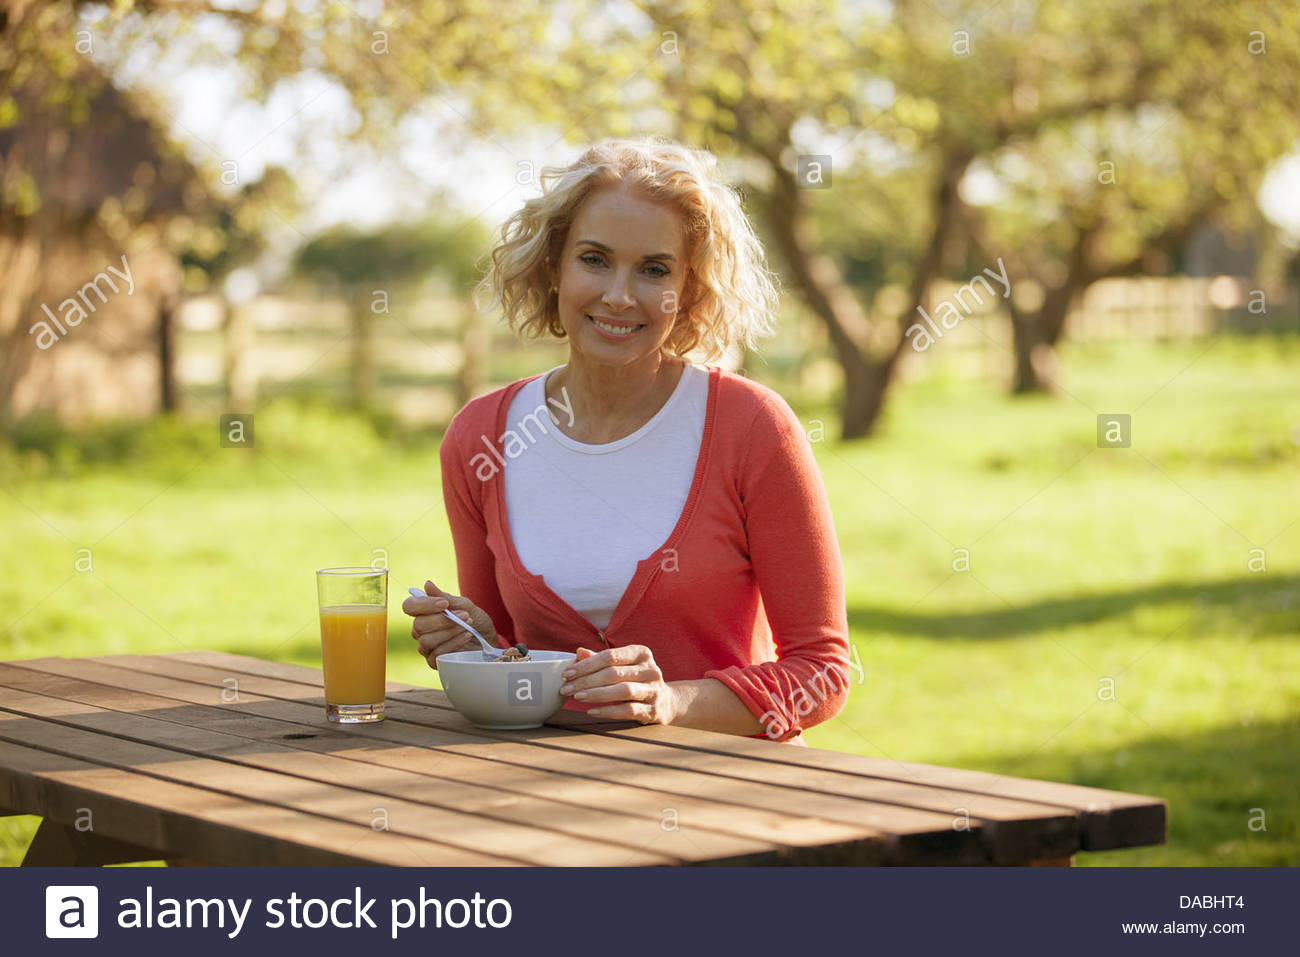 Eine reife Frau sitzen auf einer Gartenbank frühstücken Stockbild